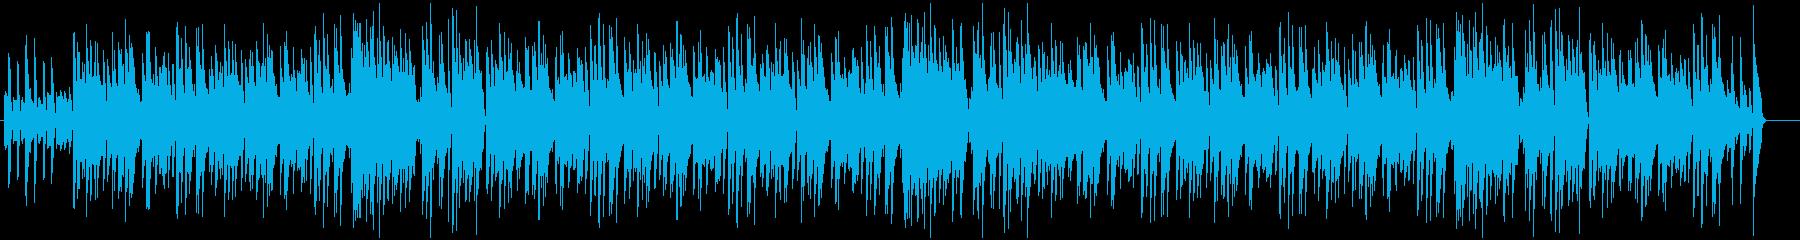 心弾む華やかなピアノ曲|OP・ED・映像の再生済みの波形